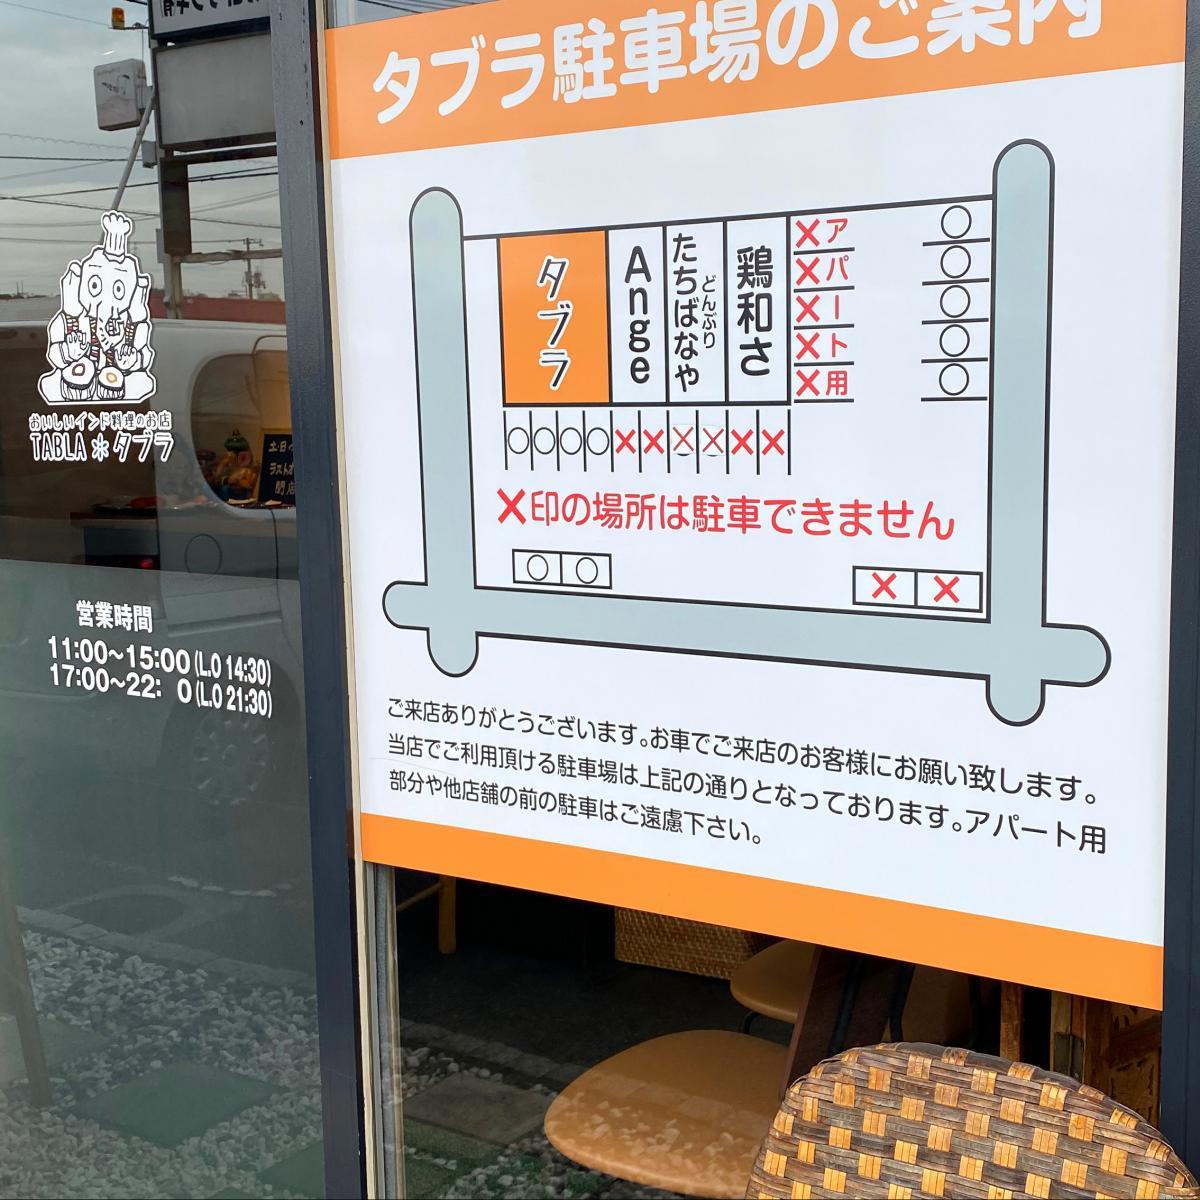 福山 タブラ 福山市春日町にある「インド料理TABLA(タブラ)」で本場のカレーを食す。